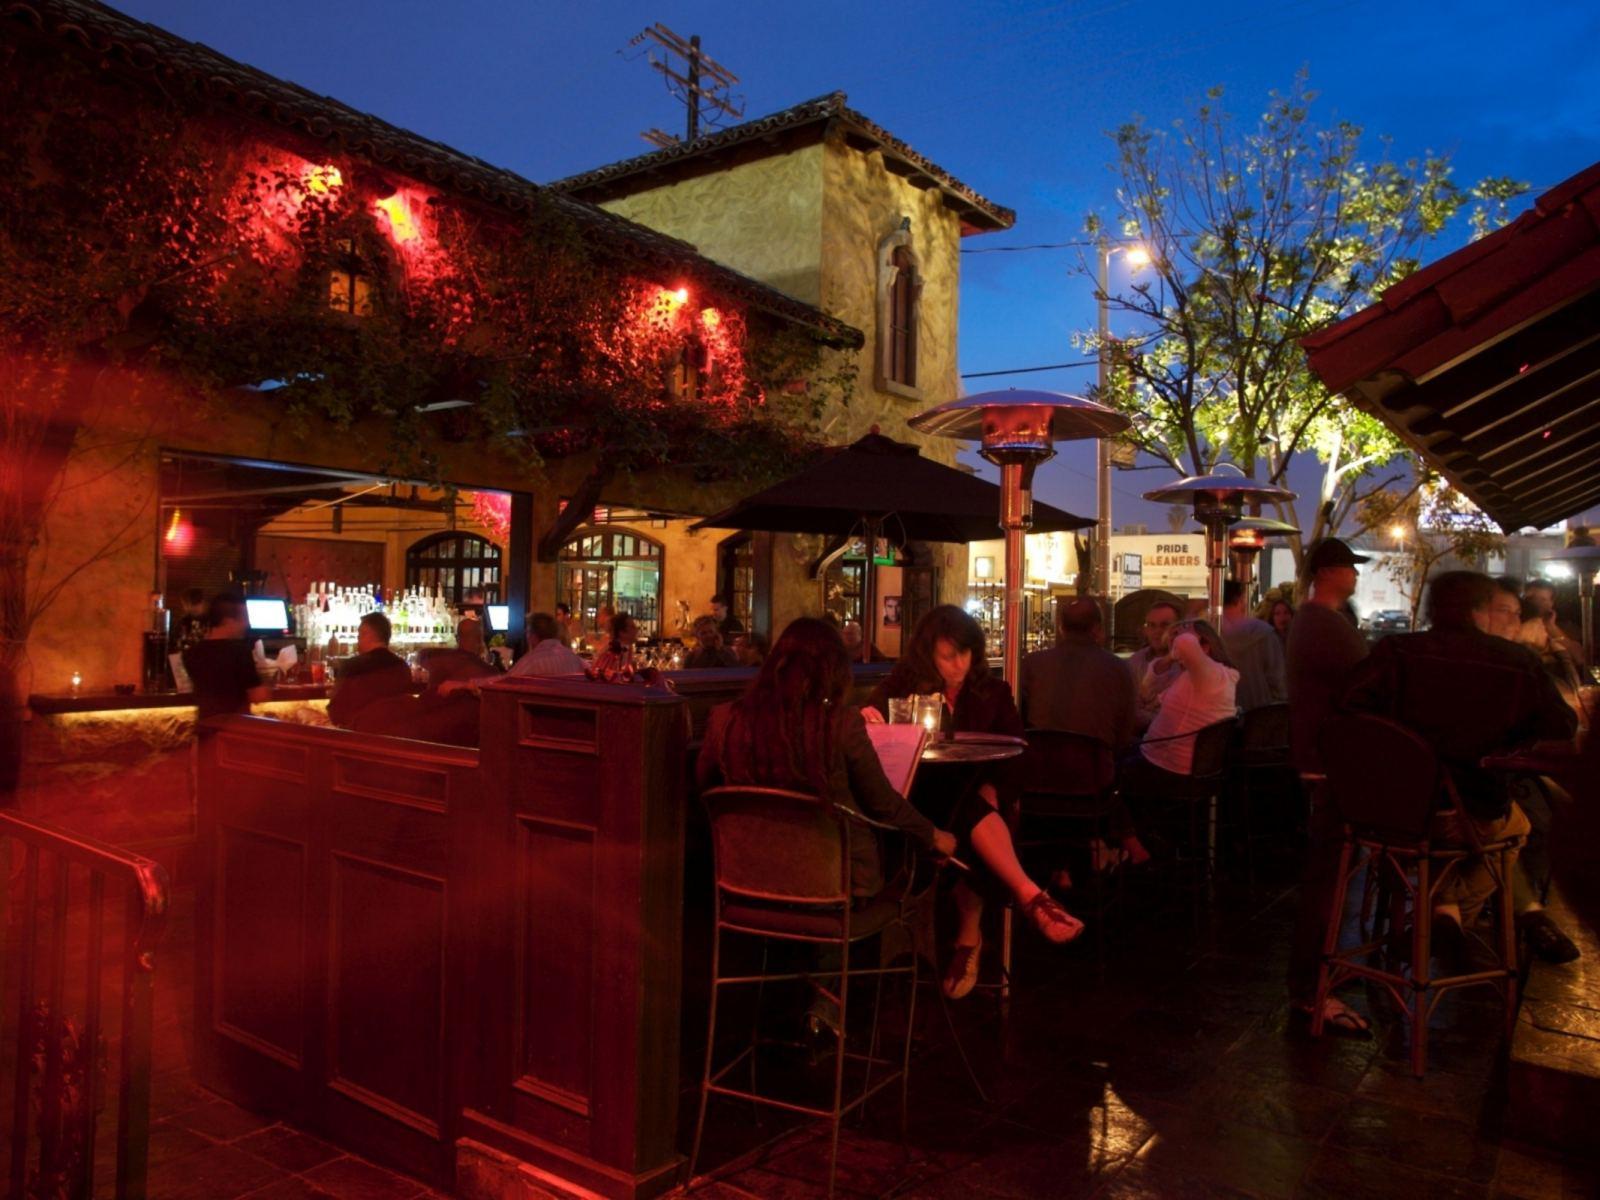 The Abbey Food & Bar outside